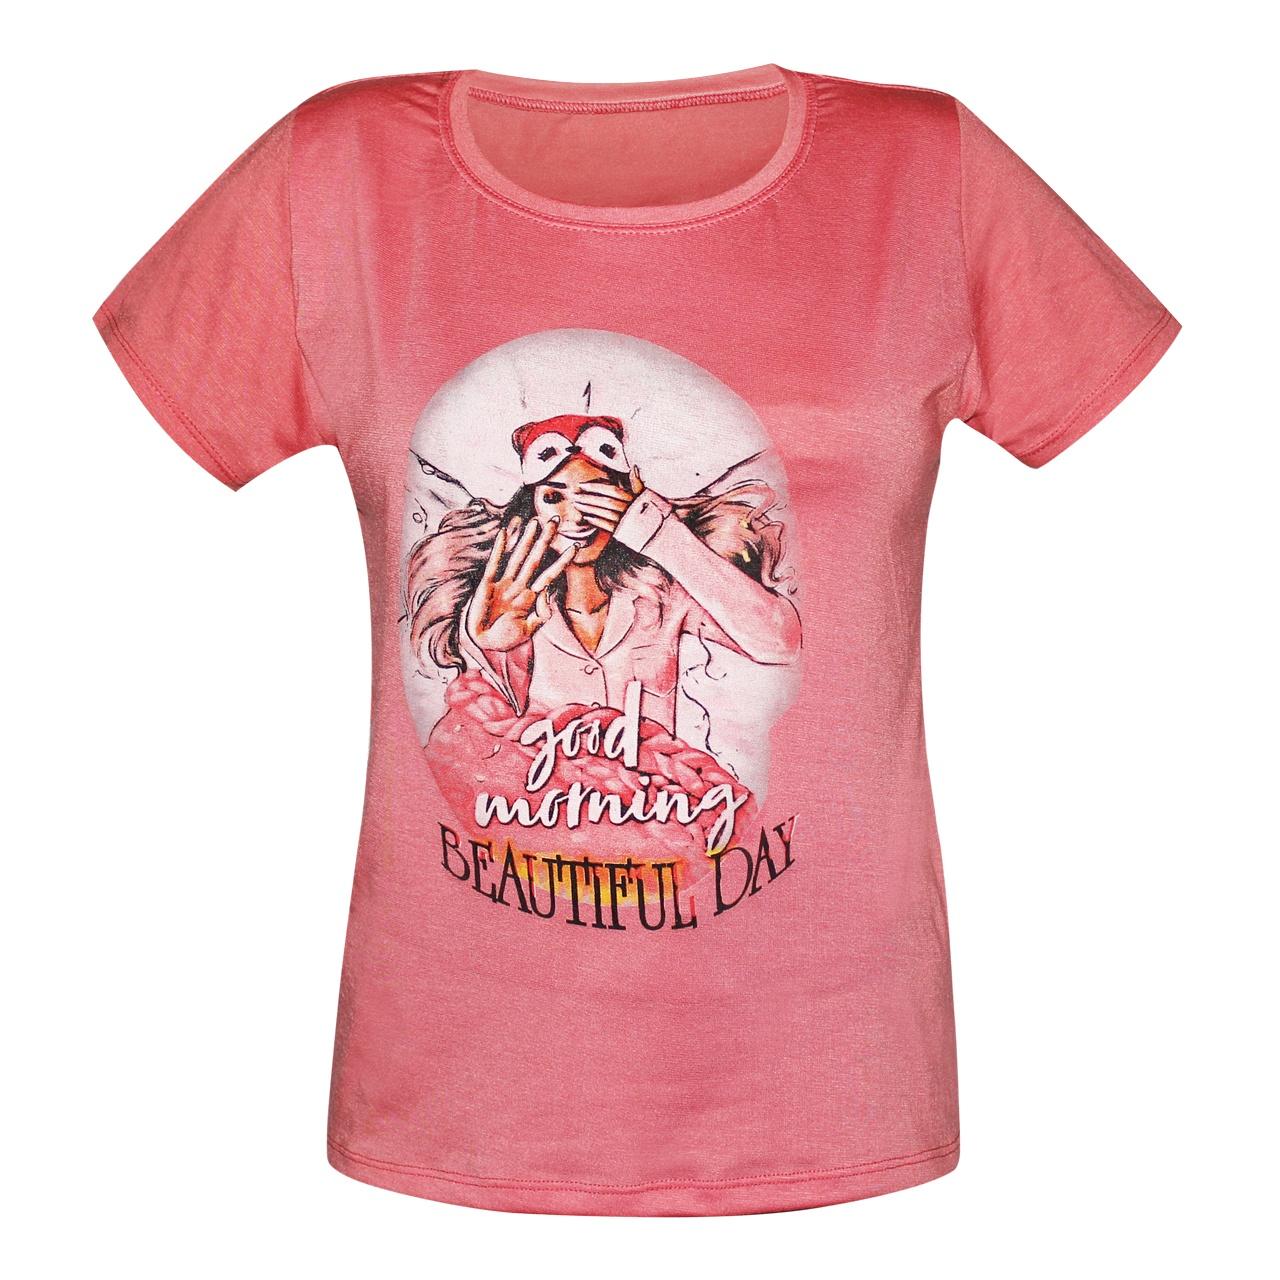 تصویر تی شرت زنانه مدل Beautiful Day کد 1076-001